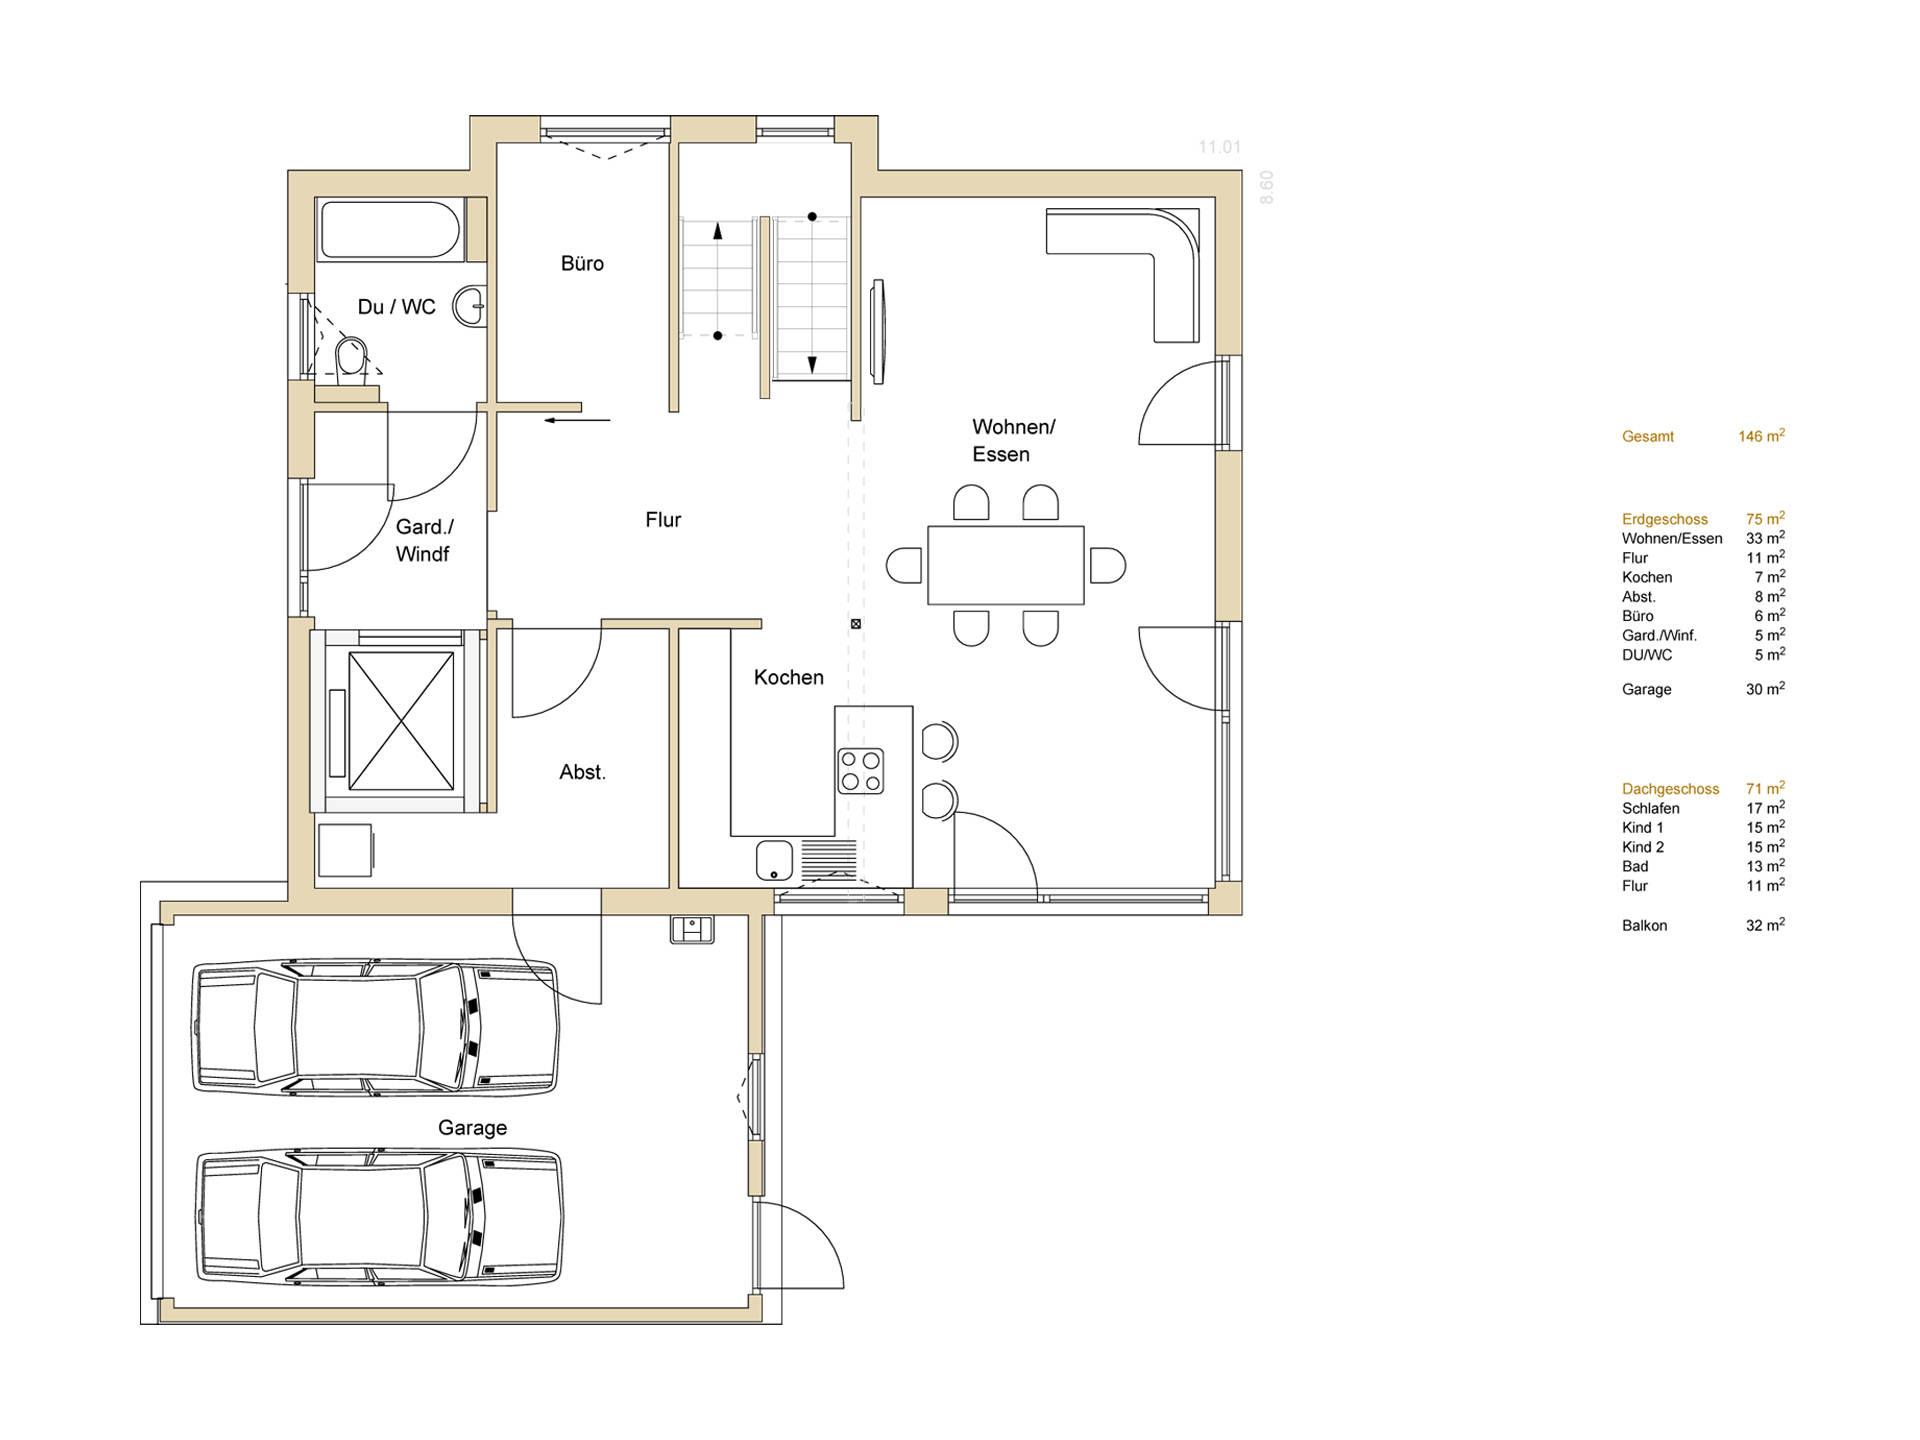 grundriss haus 8m breit wohn design. Black Bedroom Furniture Sets. Home Design Ideas